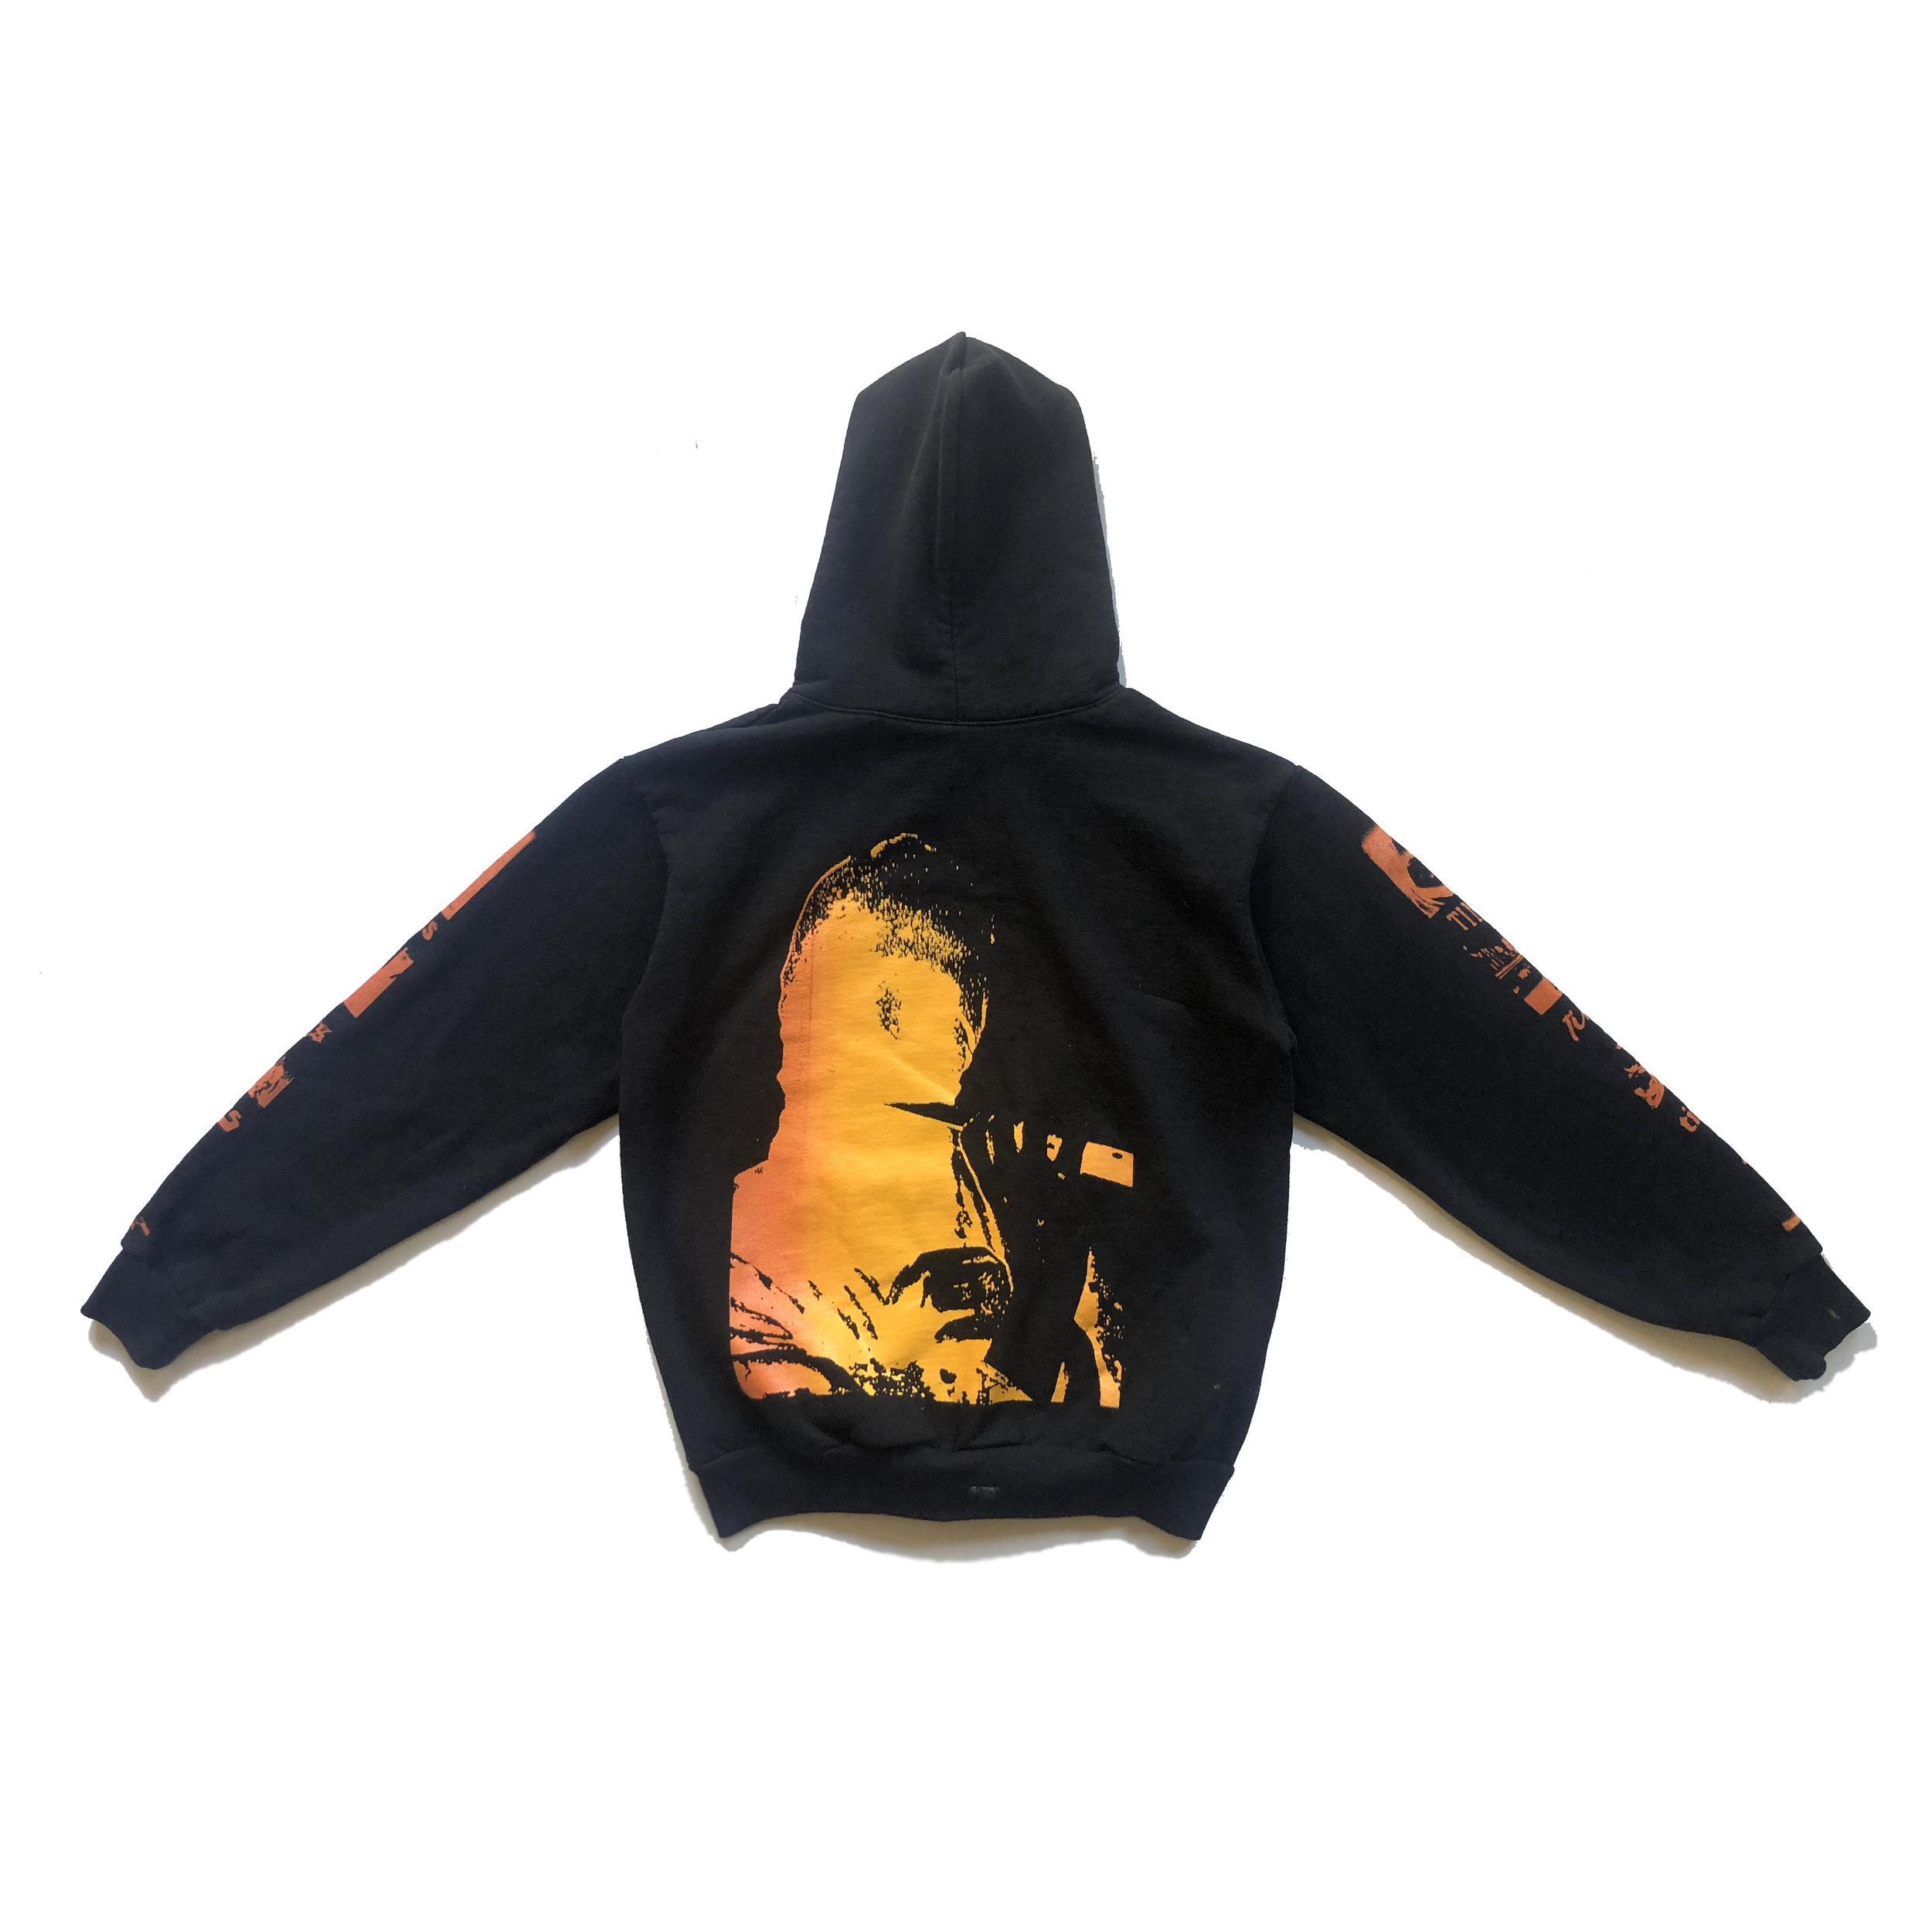 hoodie_back copy.jpg